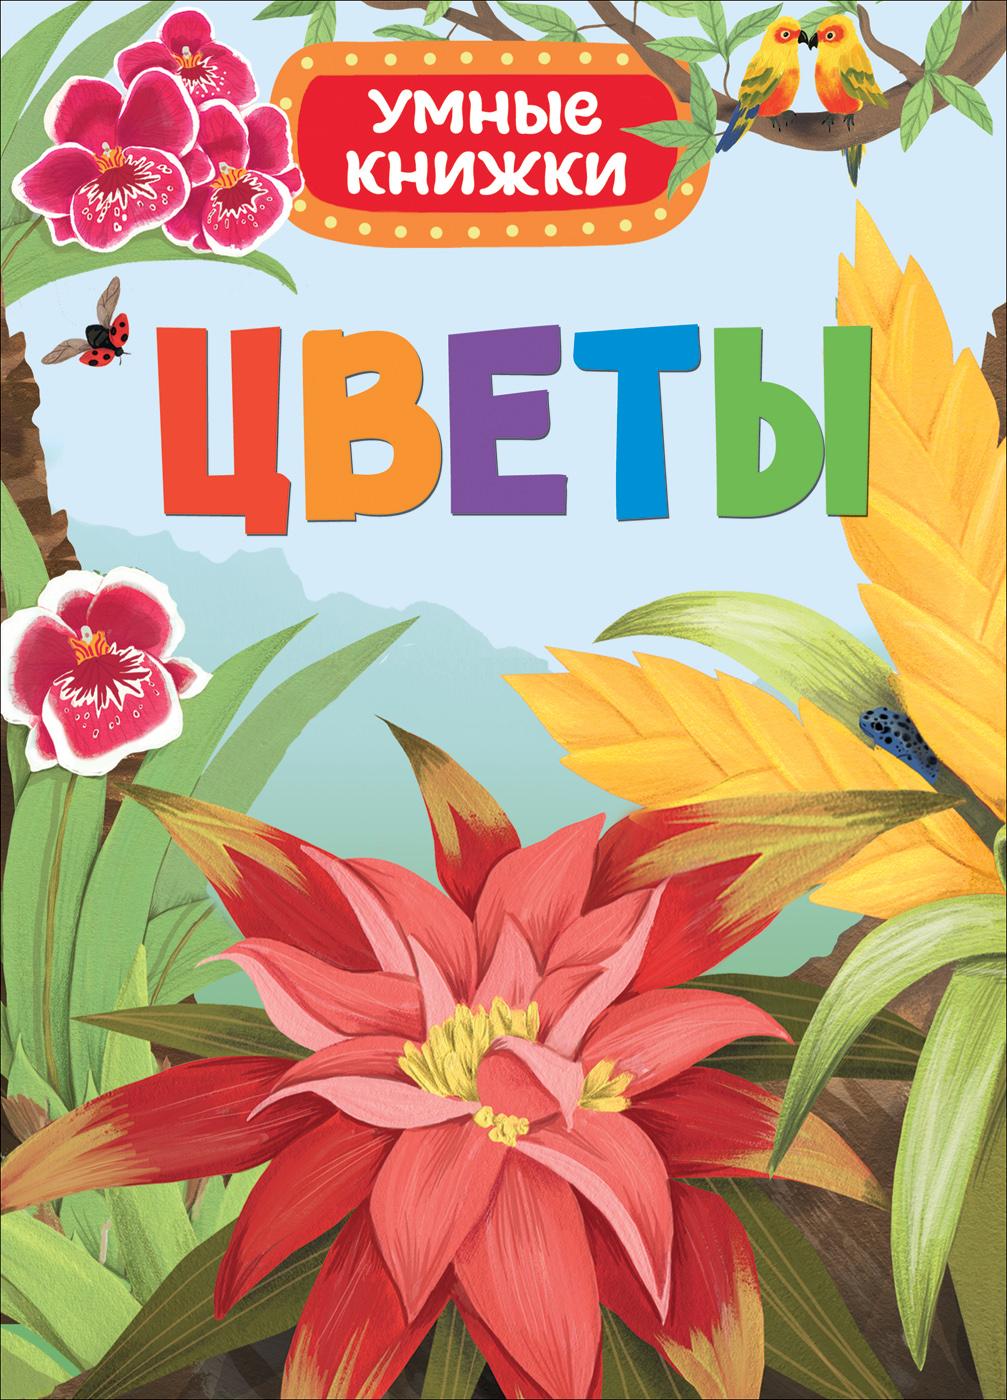 Книга - Цветы из серии - Умные книжкиОбучающие книги<br>Книга - Цветы из серии - Умные книжки<br>